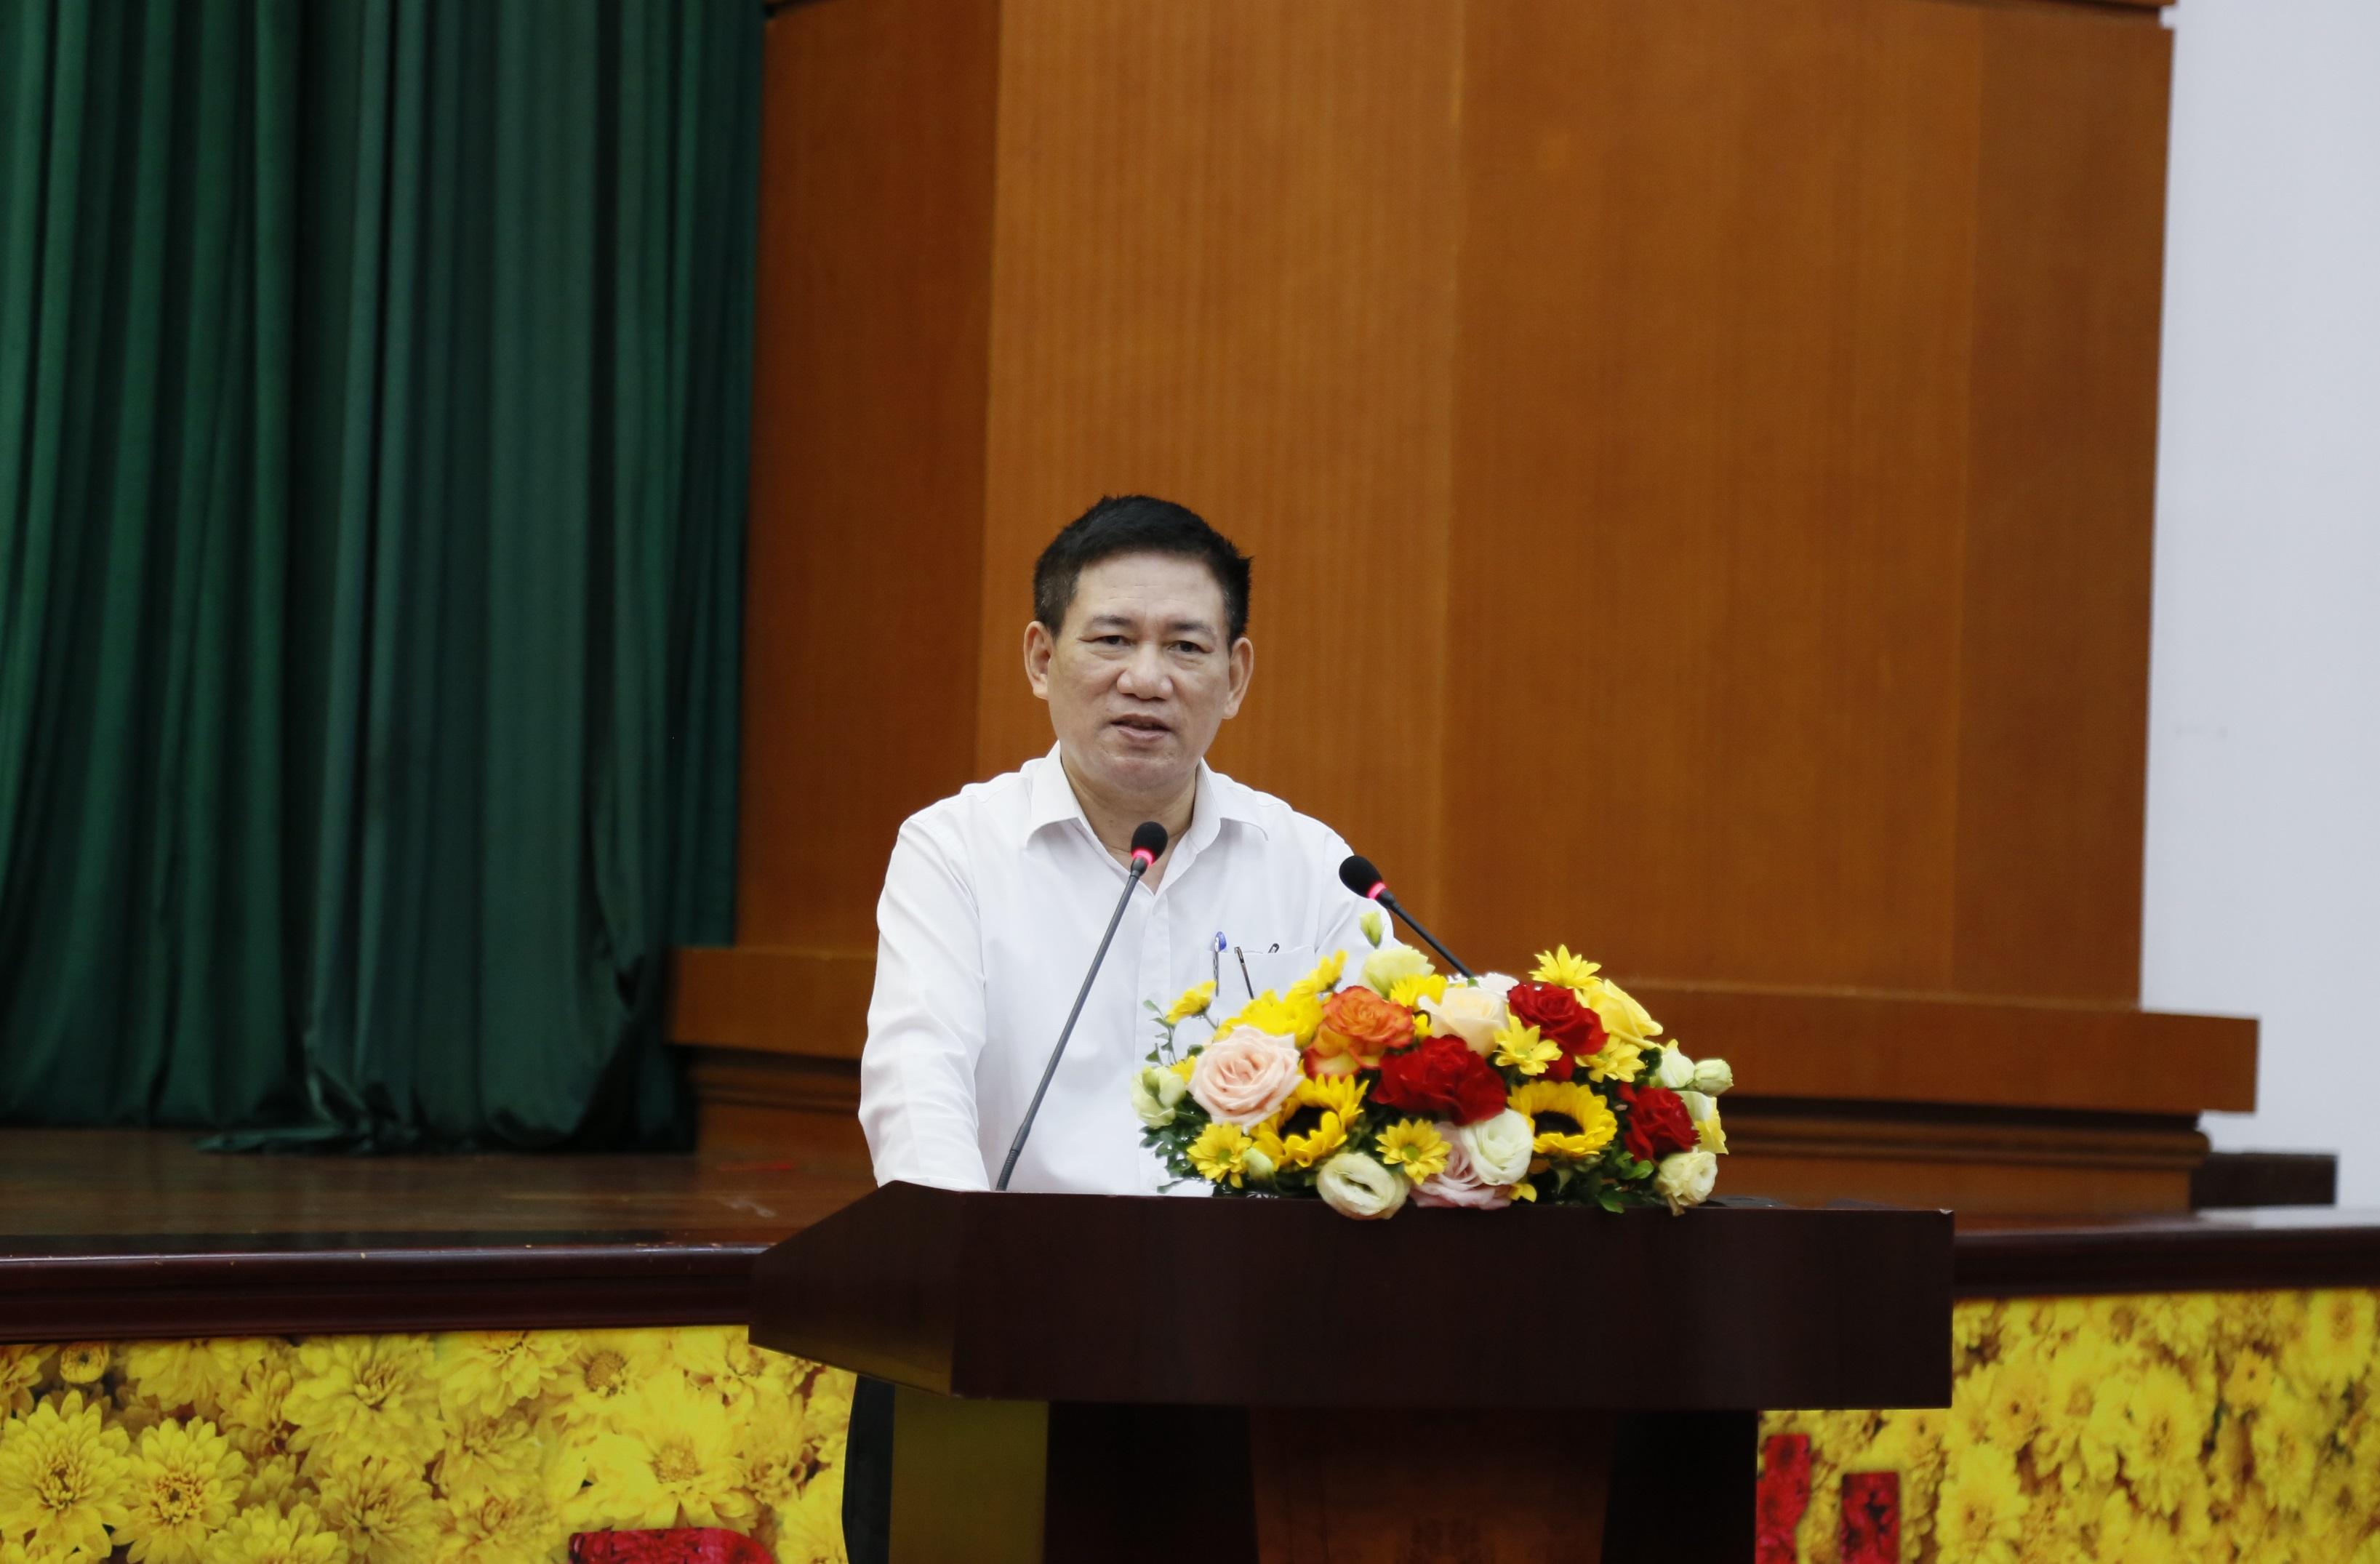 Bộ trưởng Hồ Đức Phớc mong muốn hai tân Thứ trưởng sẽ cùng với Ban Cán sự Đảng, Lãnh đạo Bộ Tài chính hoàn thành xuất sắc nhiệm vụ được Đảng, Nhà nước giao.